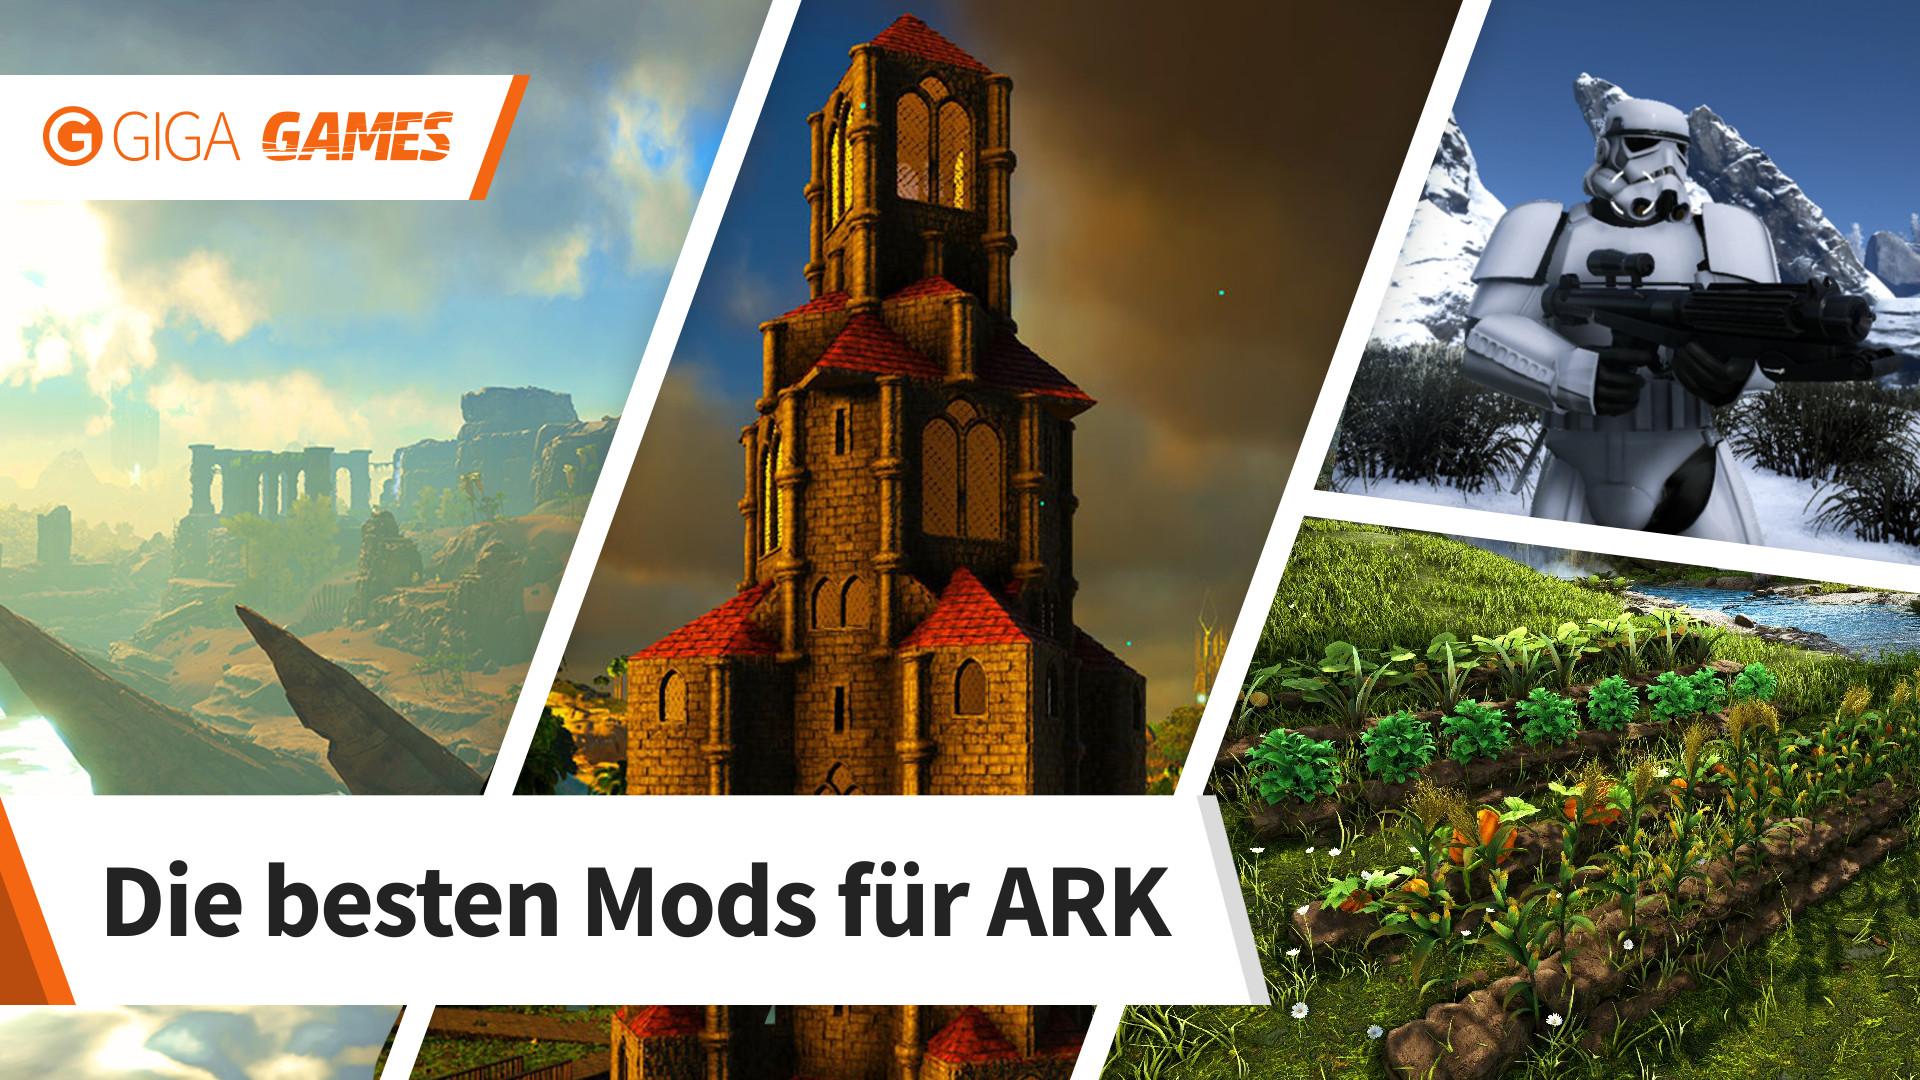 ark survival evolved mods teaser